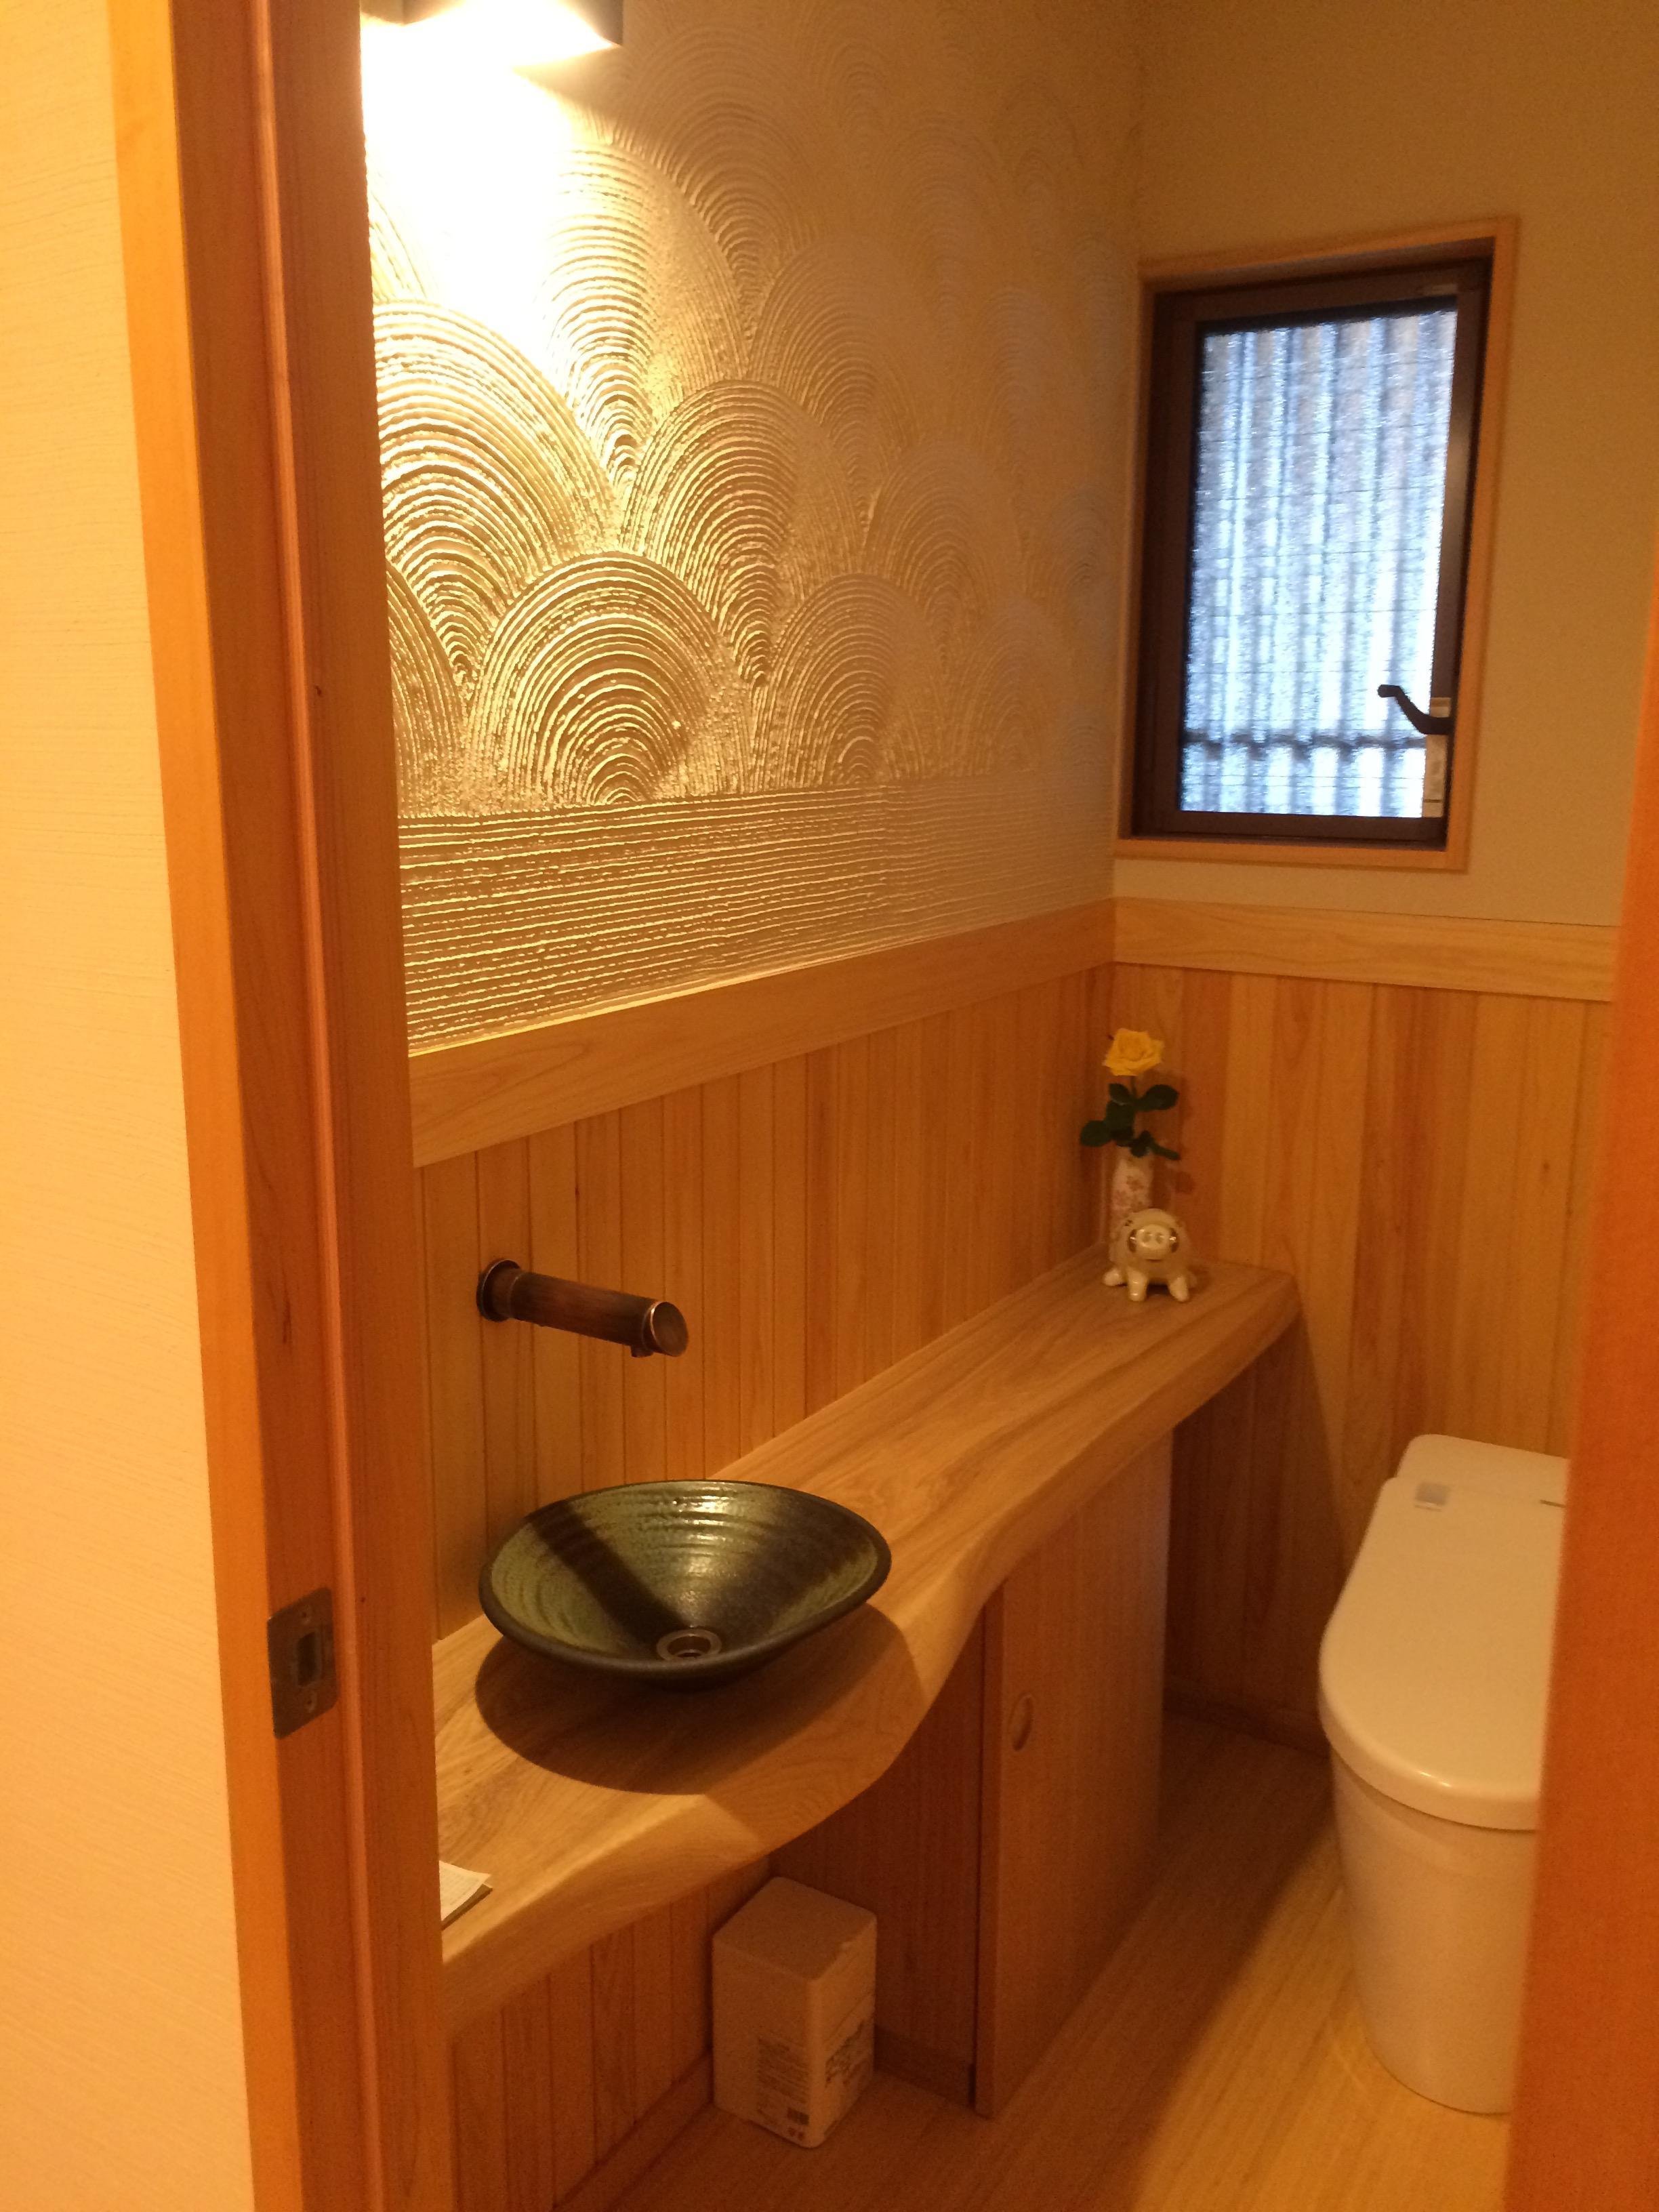 能登の珪藻土を施した気品あるトイレ